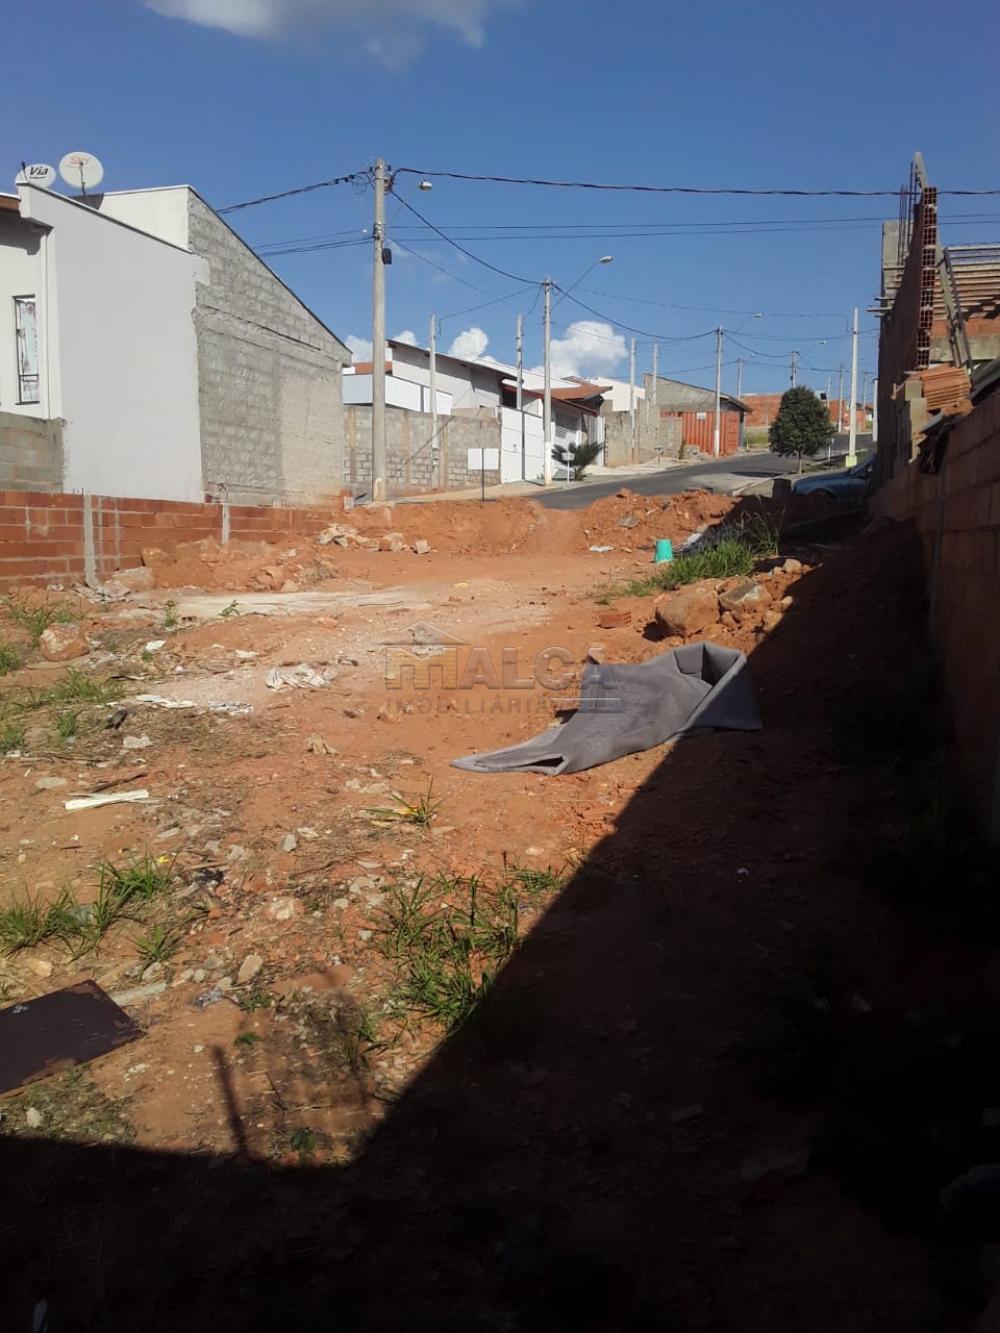 Comprar Terrenos / Padrão em São José do Rio Pardo apenas R$ 87.000,00 - Foto 3